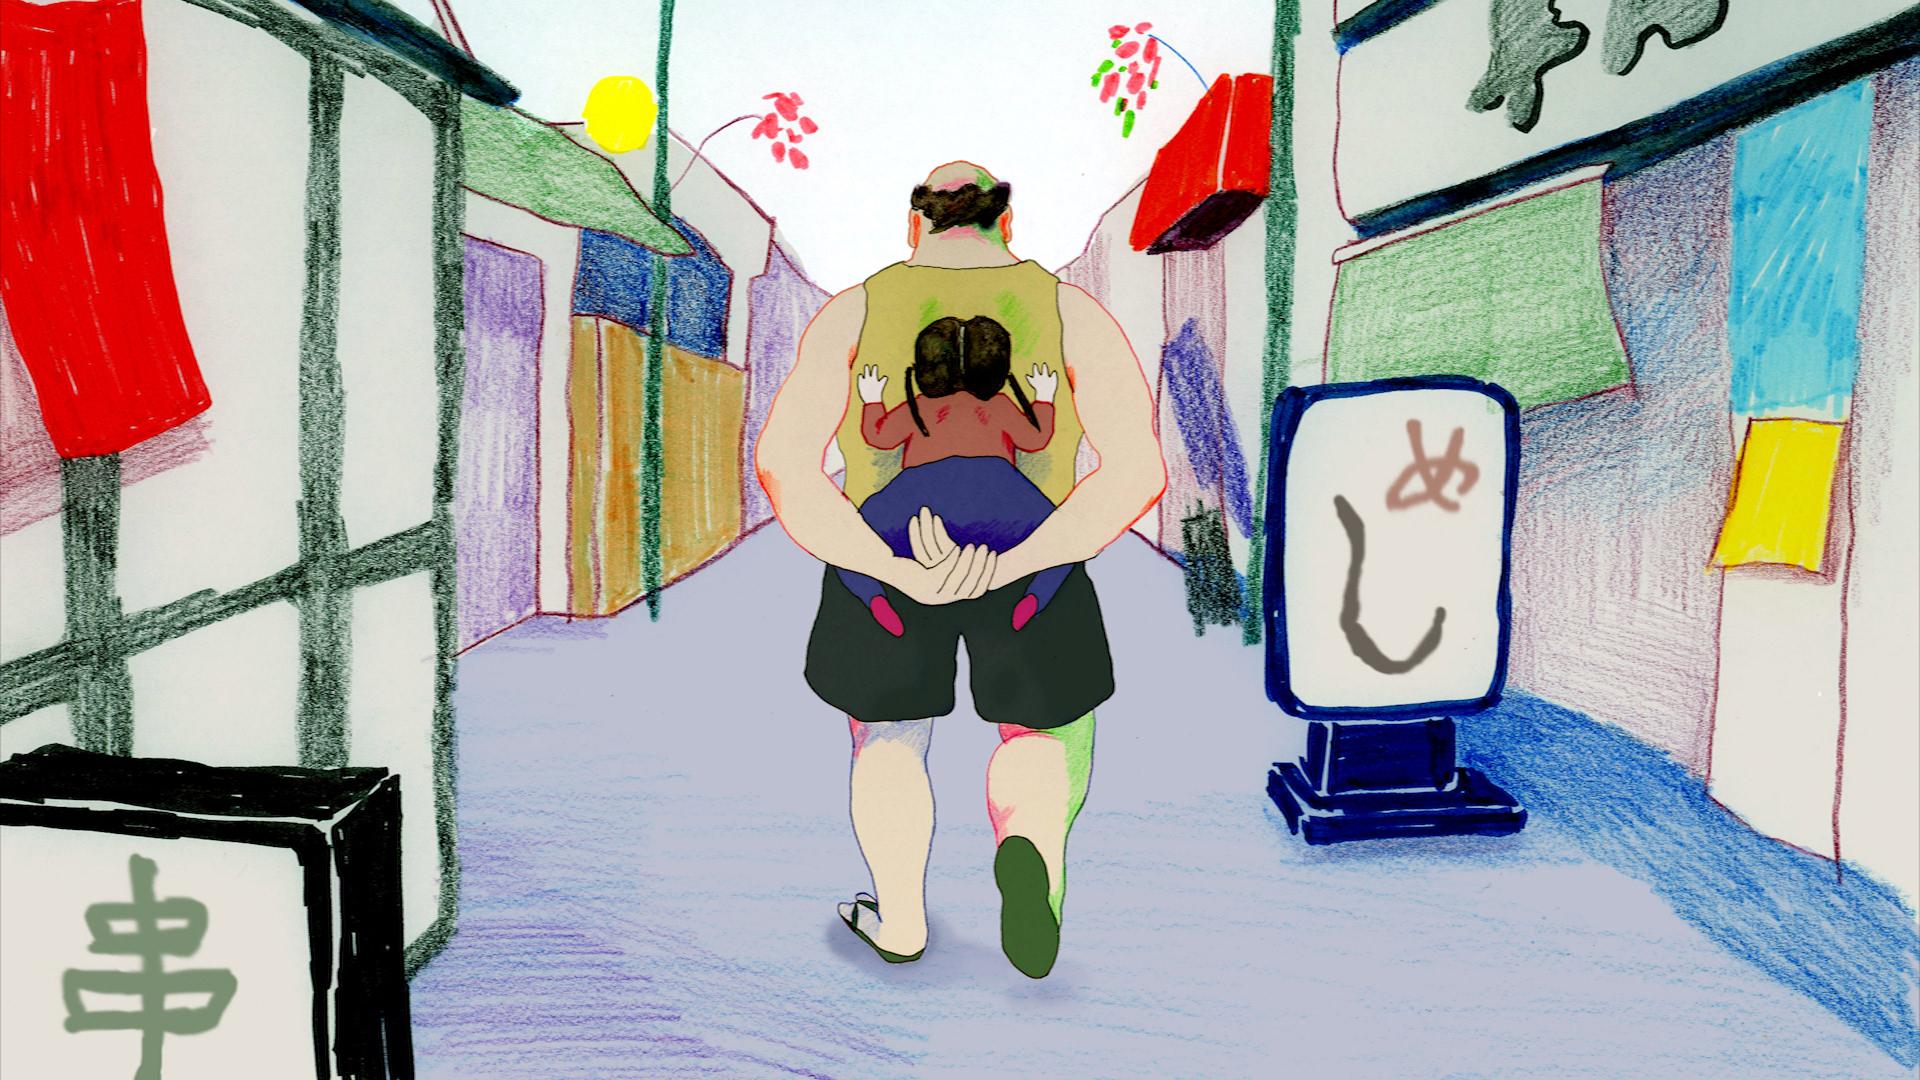 かえりみち / 木山瑞嬉